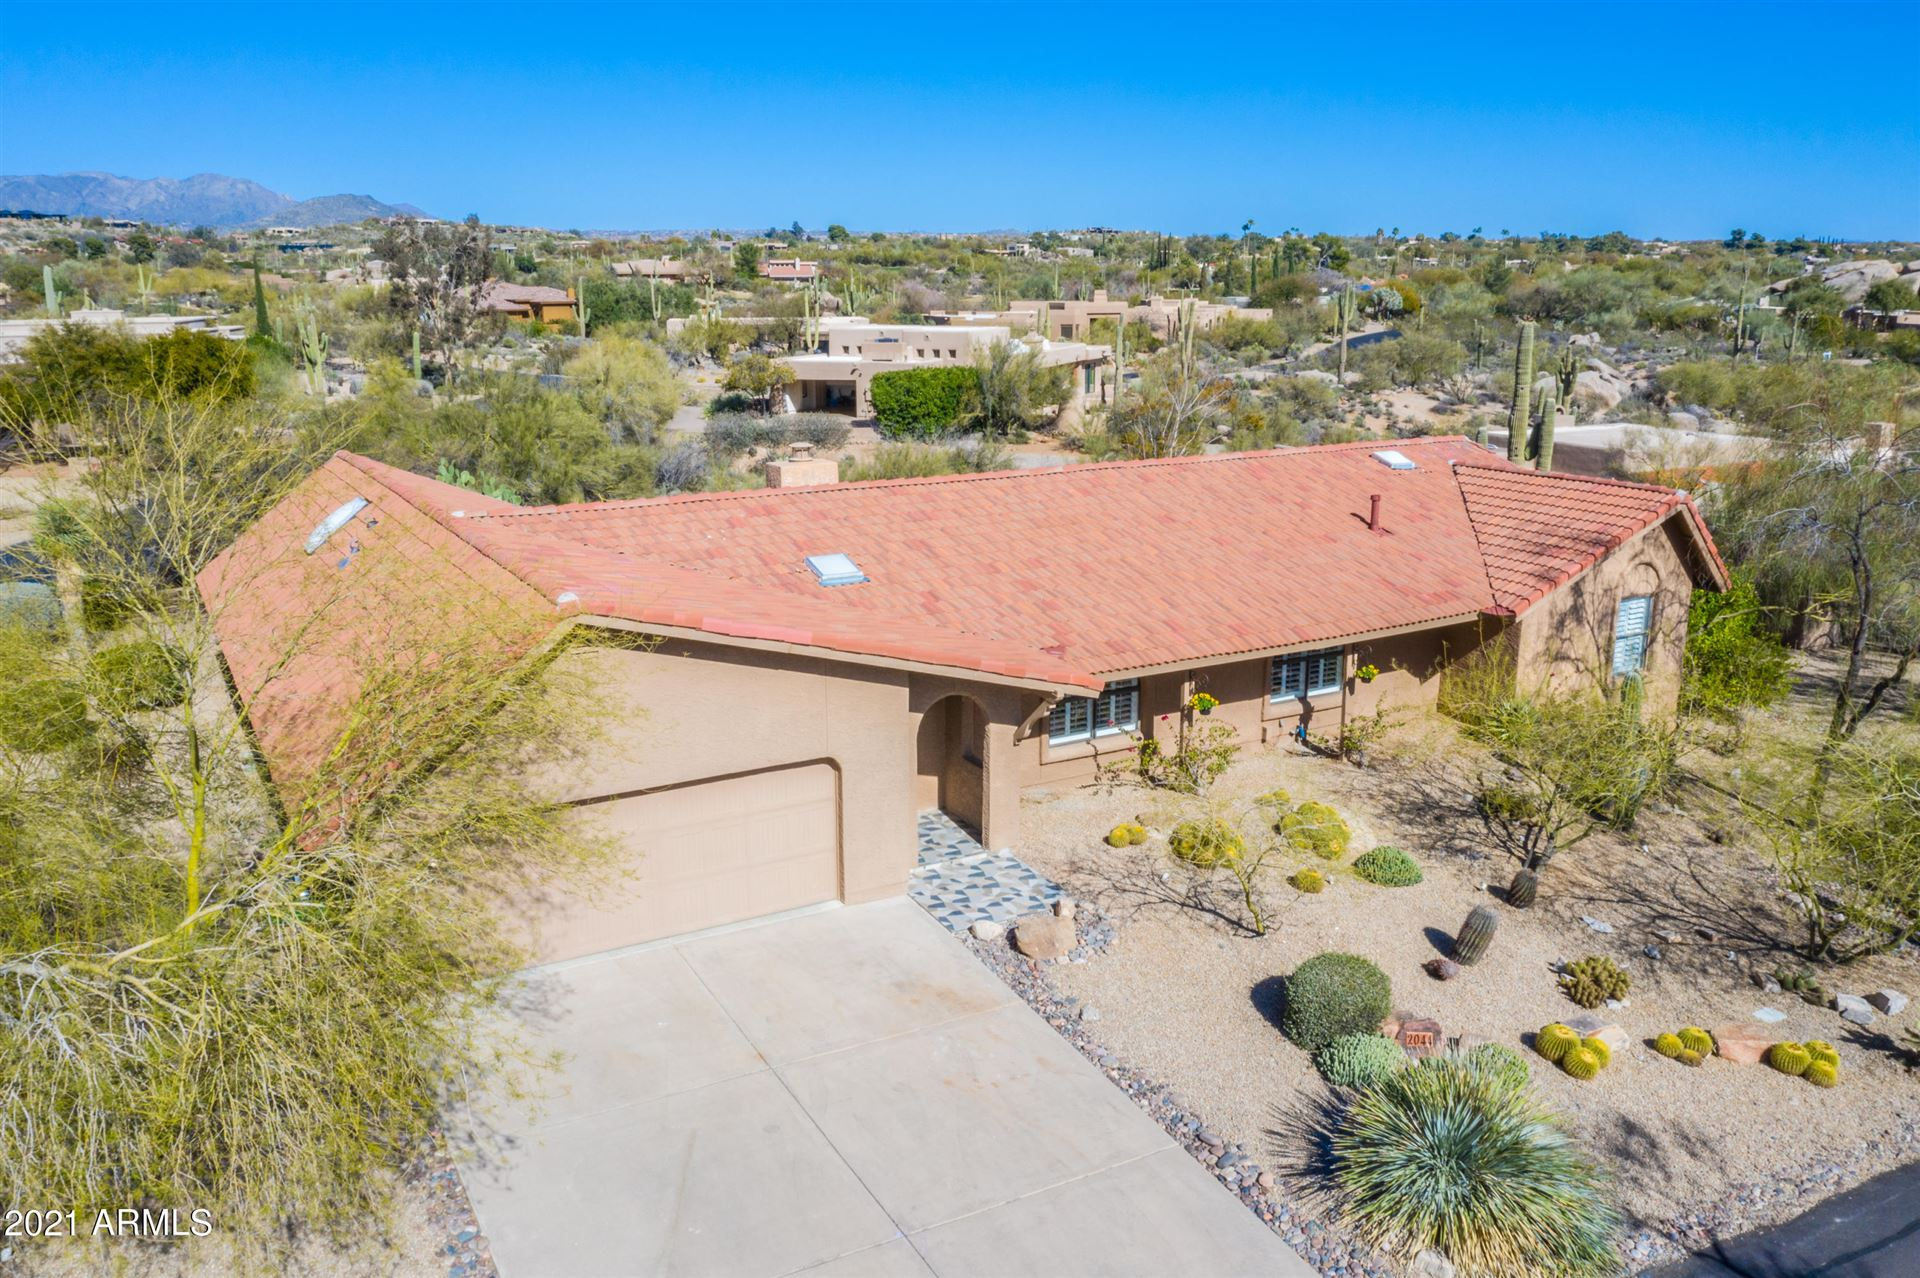 Photo of 2044 E SMOKETREE Drive, Carefree, AZ 85377 (MLS # 6191475)